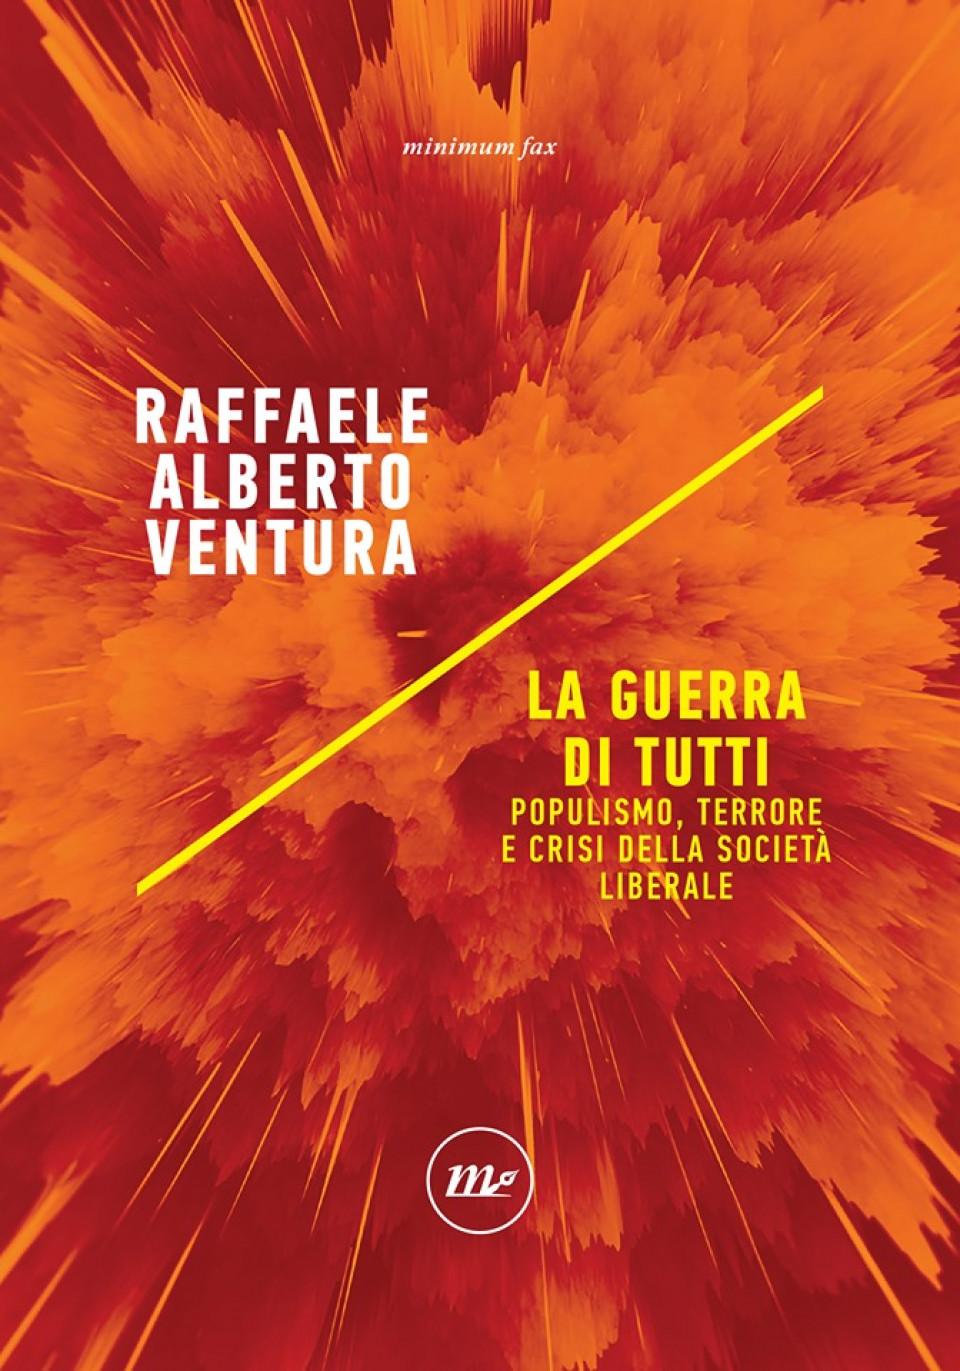 """Copertina de """"La guerra di tutti"""" di Raffaele Alberto Ventura. Immagine di copertina: minimum fax"""